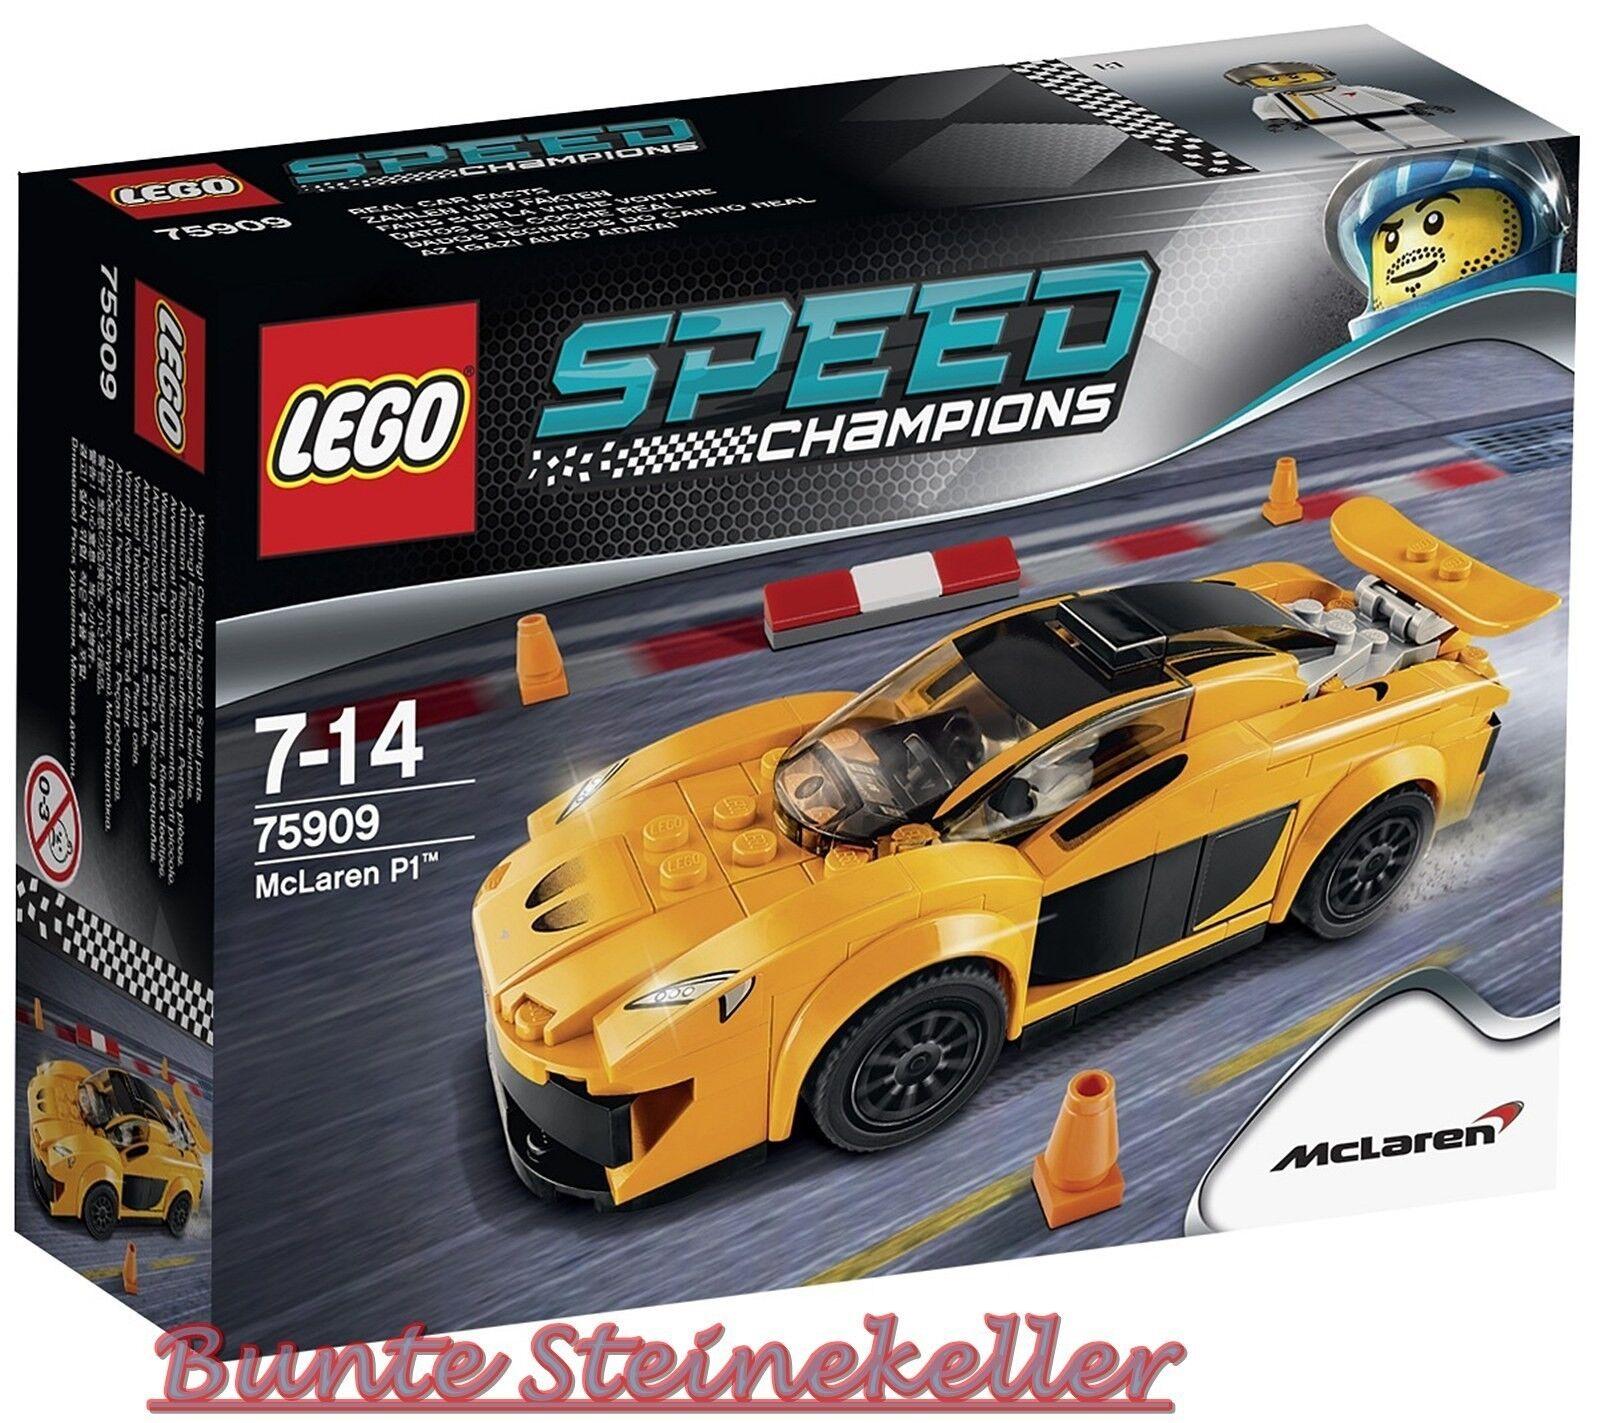 LEGO ® Speed Champions  75909 McLaren p1 ™ & 0. - expédition & neuf dans sa boîte & Nouveau & En parfait état, dans sa boîte scellée